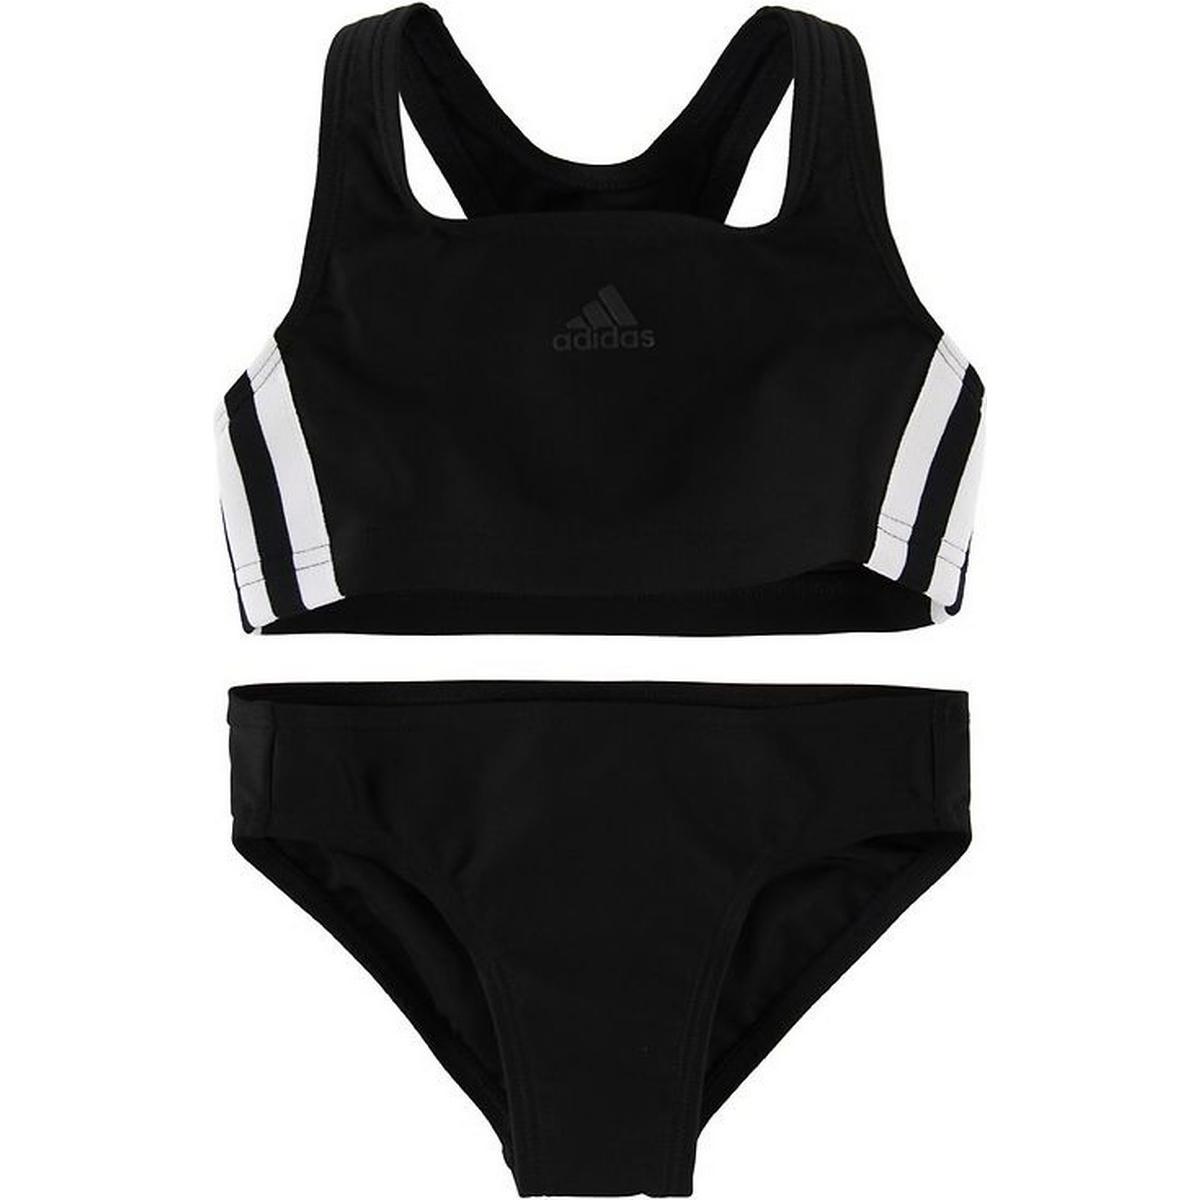 Adidas bikini barn Barnkläder • Hitta lägsta pris hos